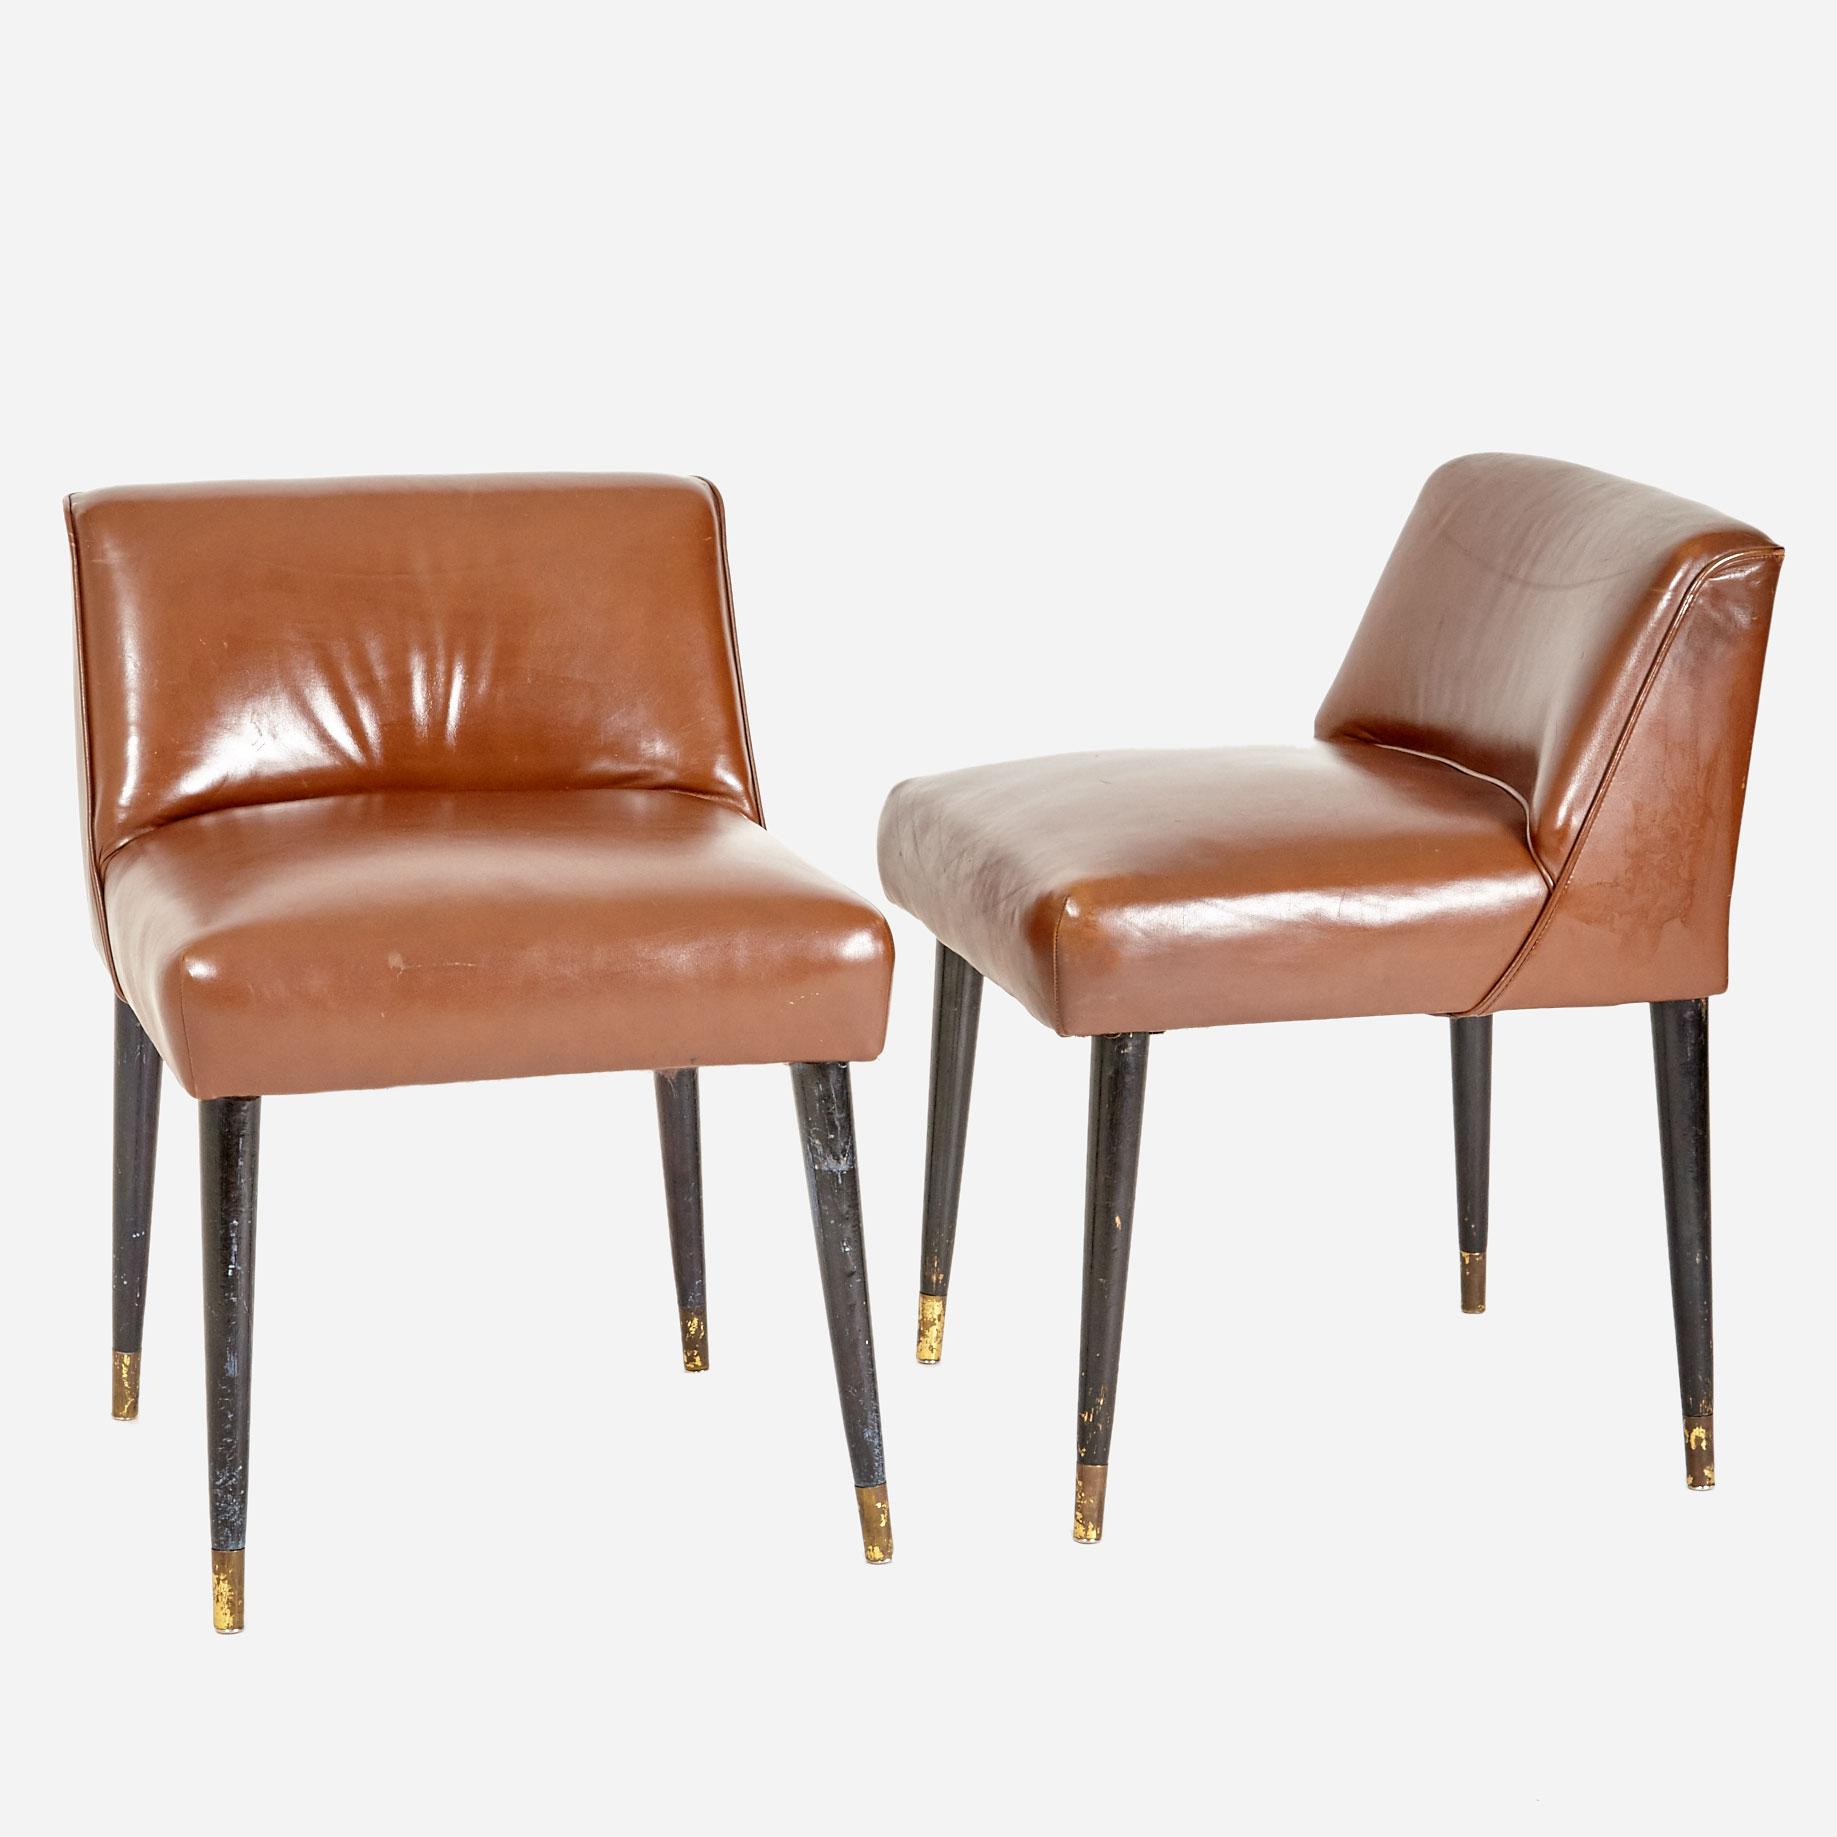 clubsessel in braunem leder m bel z rich vintagem bel. Black Bedroom Furniture Sets. Home Design Ideas